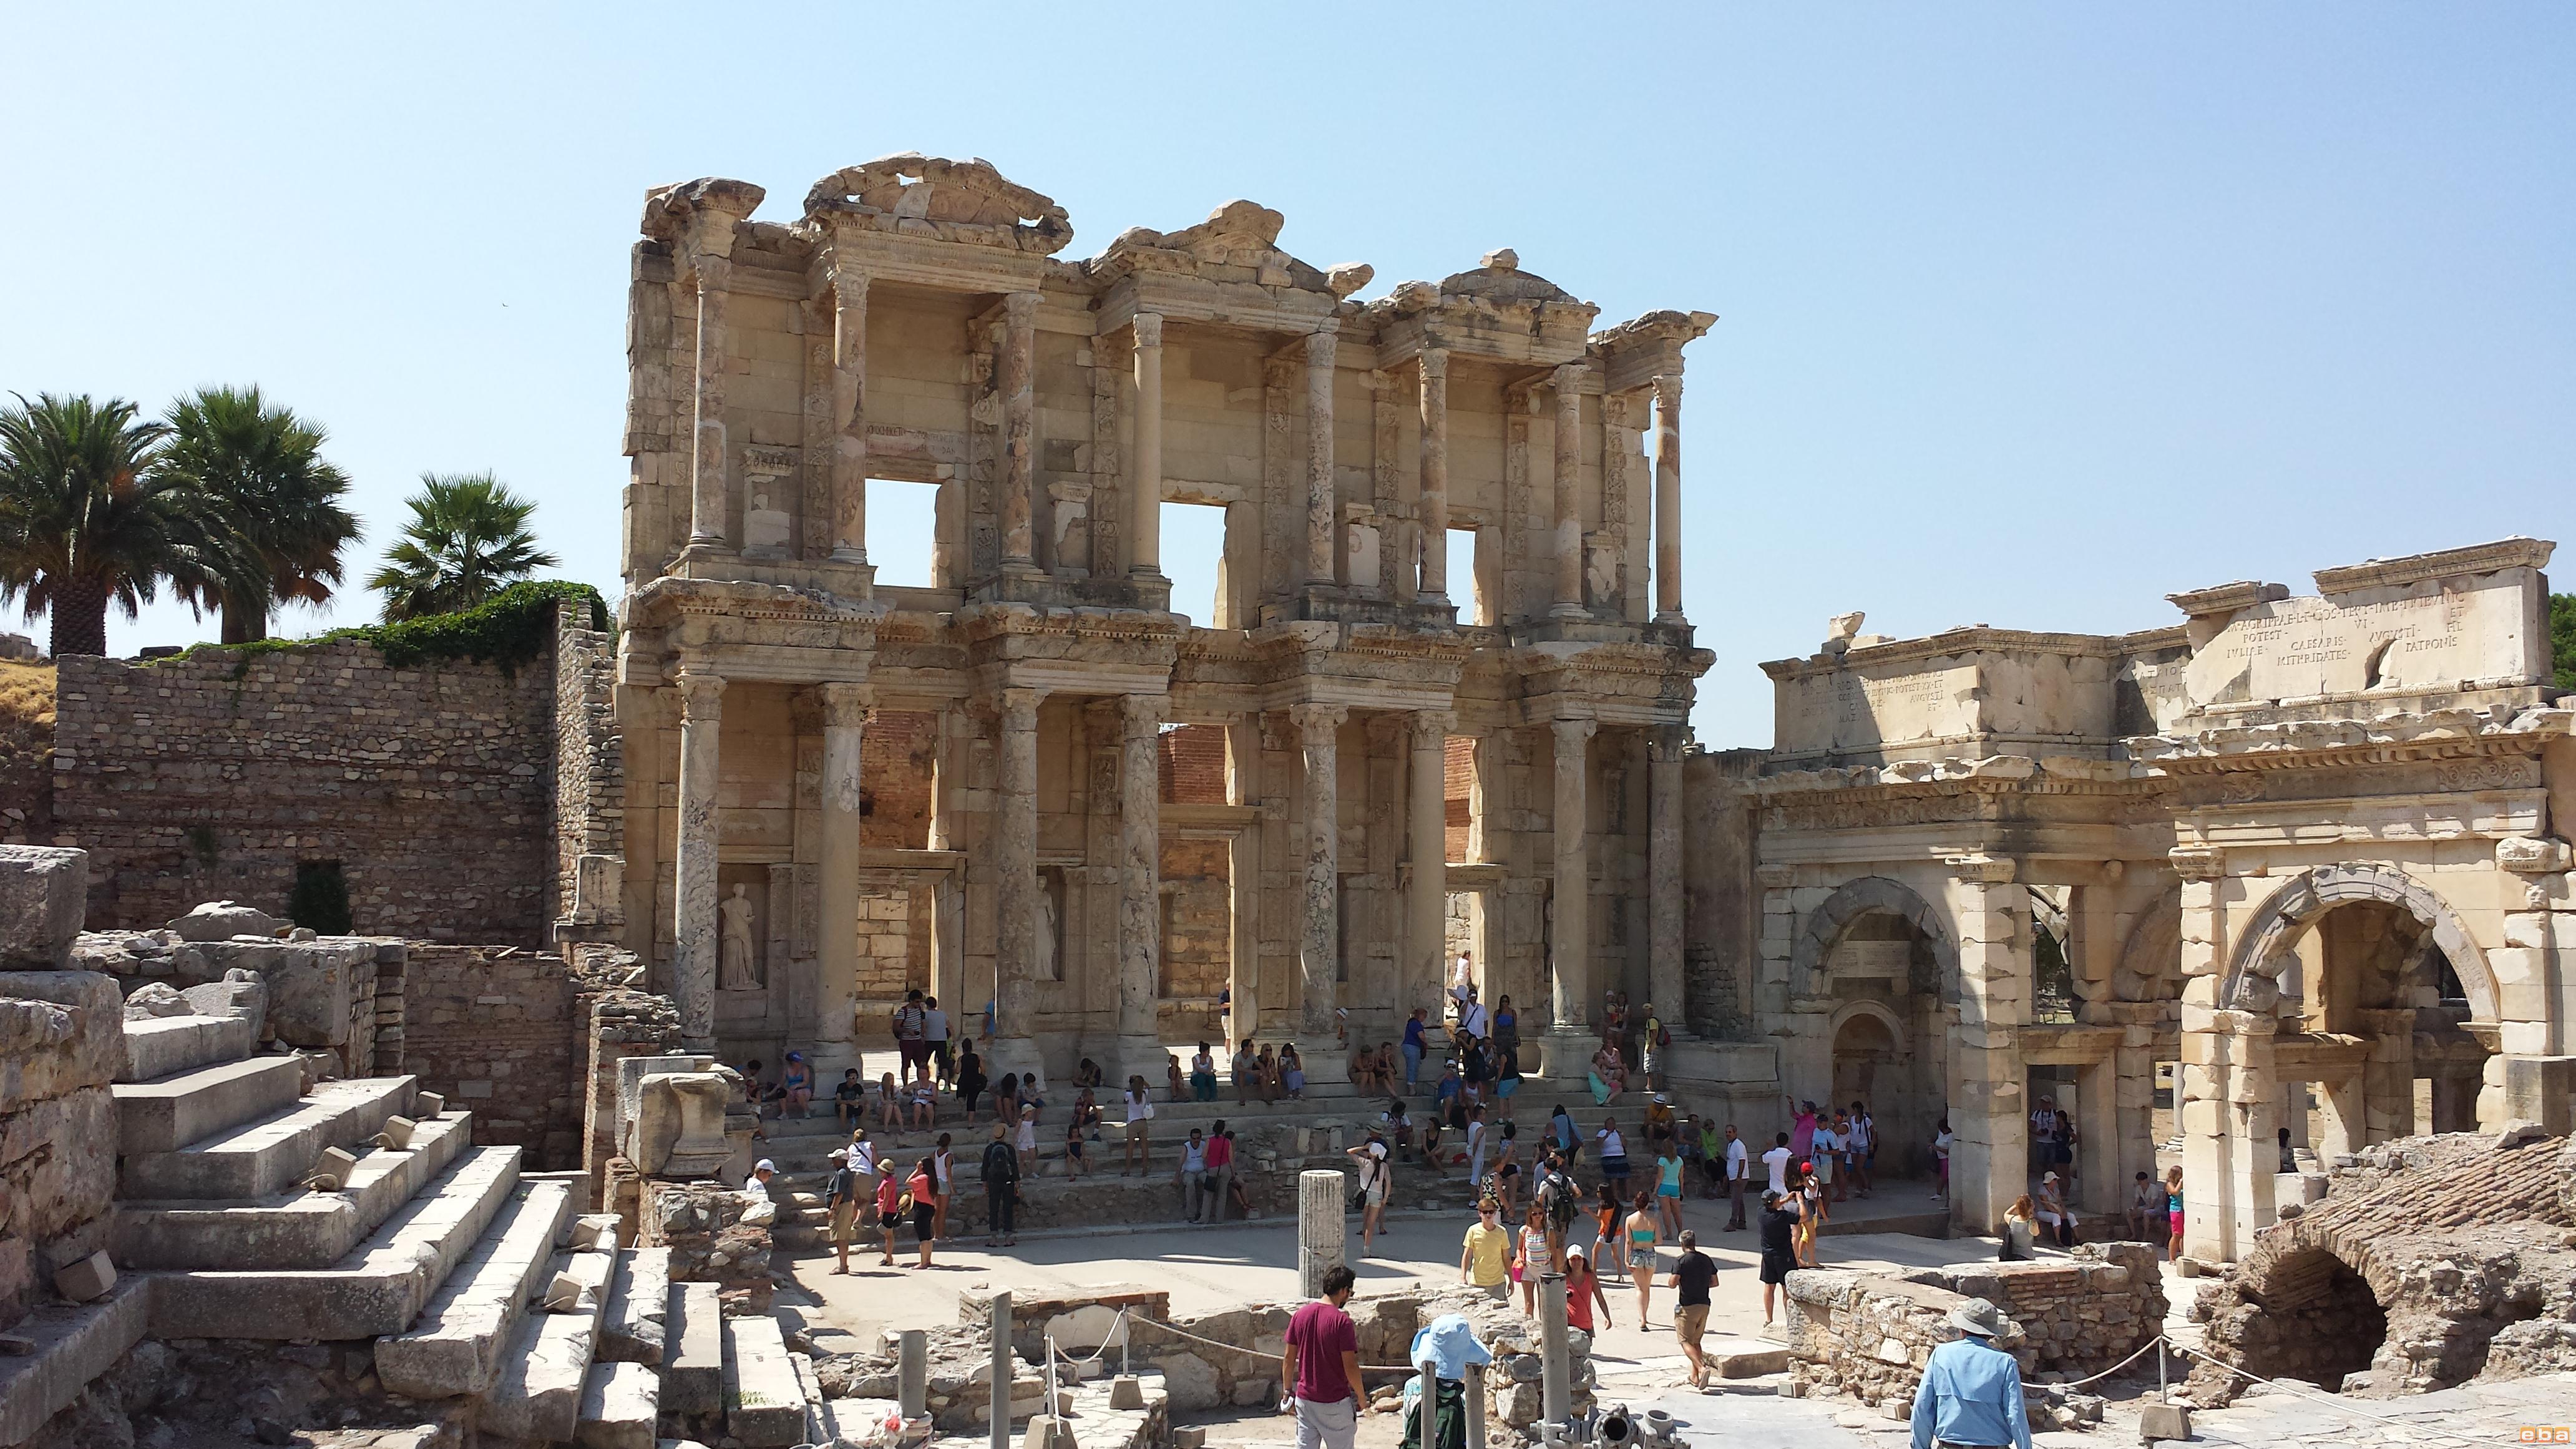 Efes Antik Kenti - 22 Şubat 2016  Görsel - Eğitim Bilişim Ağı